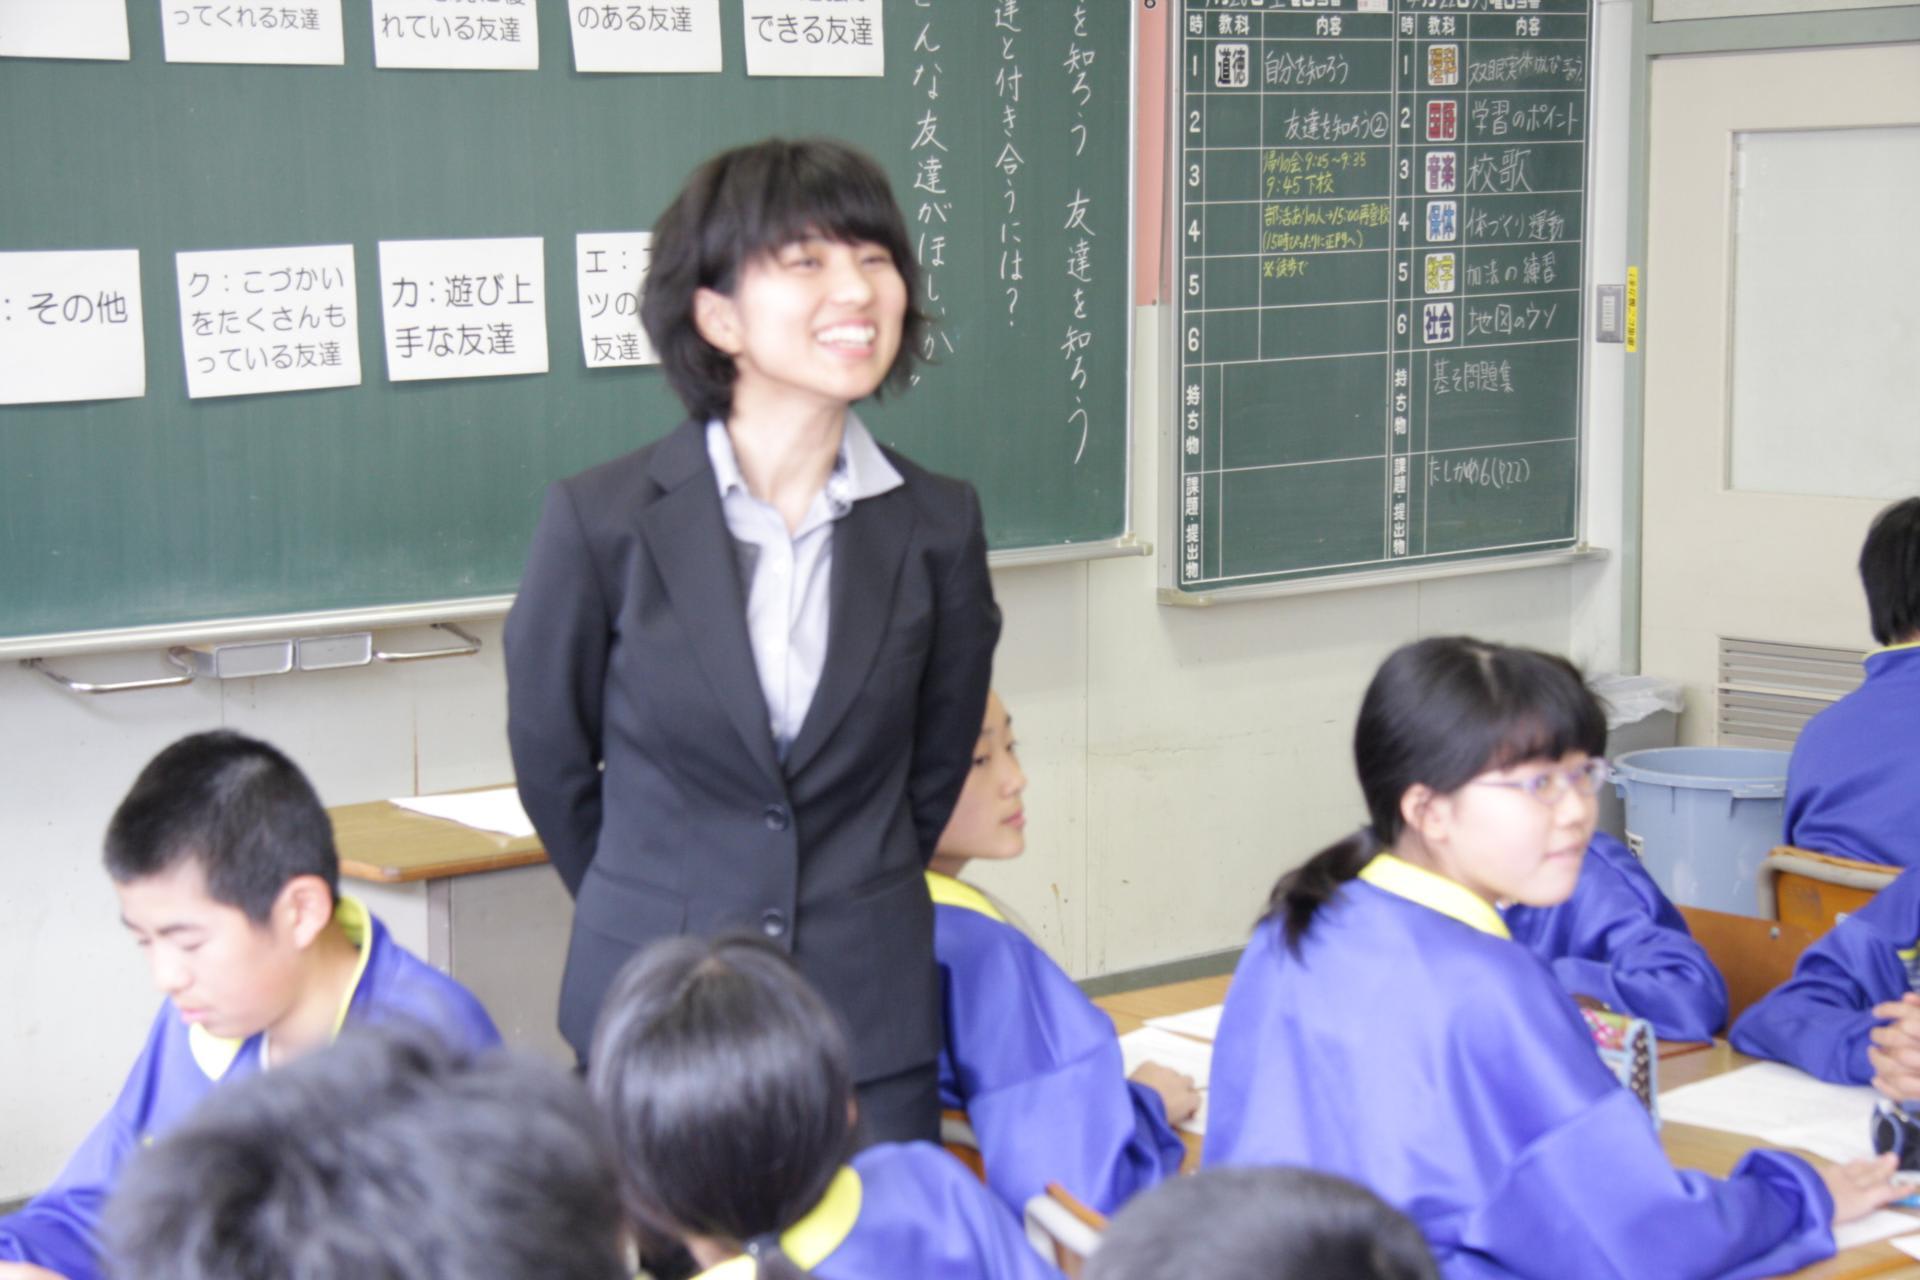 授業参観会 - こんにちは!浜松市立曳馬中学校のブログです♪